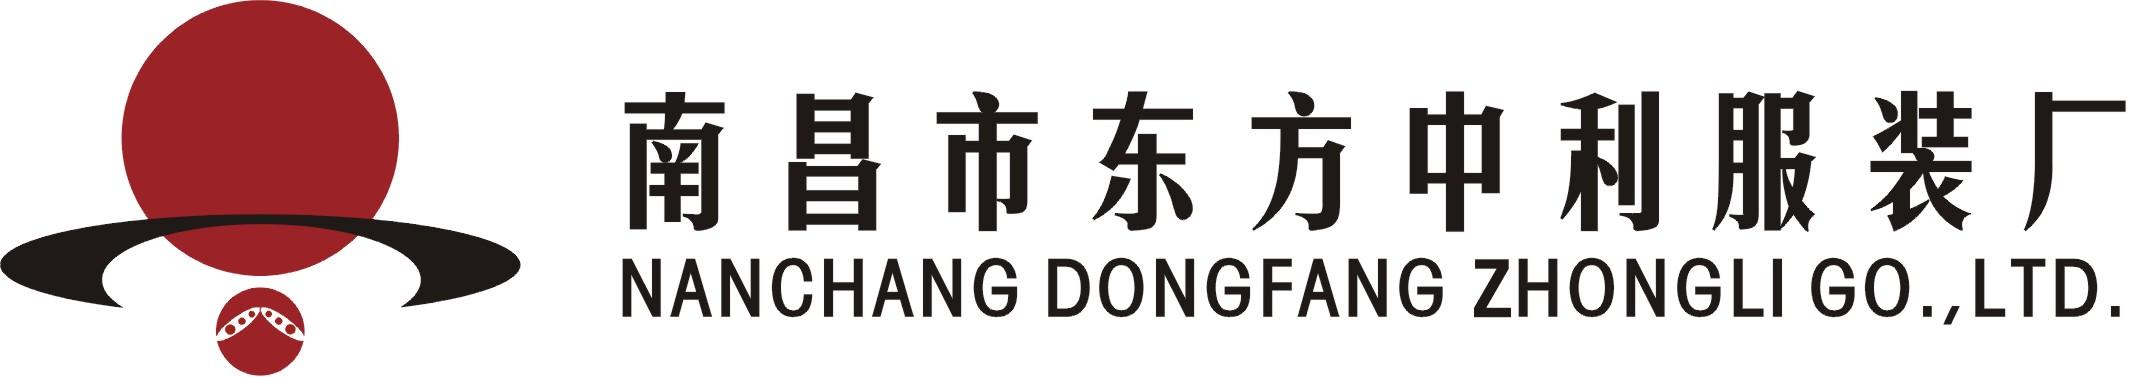 南昌东方中利制服